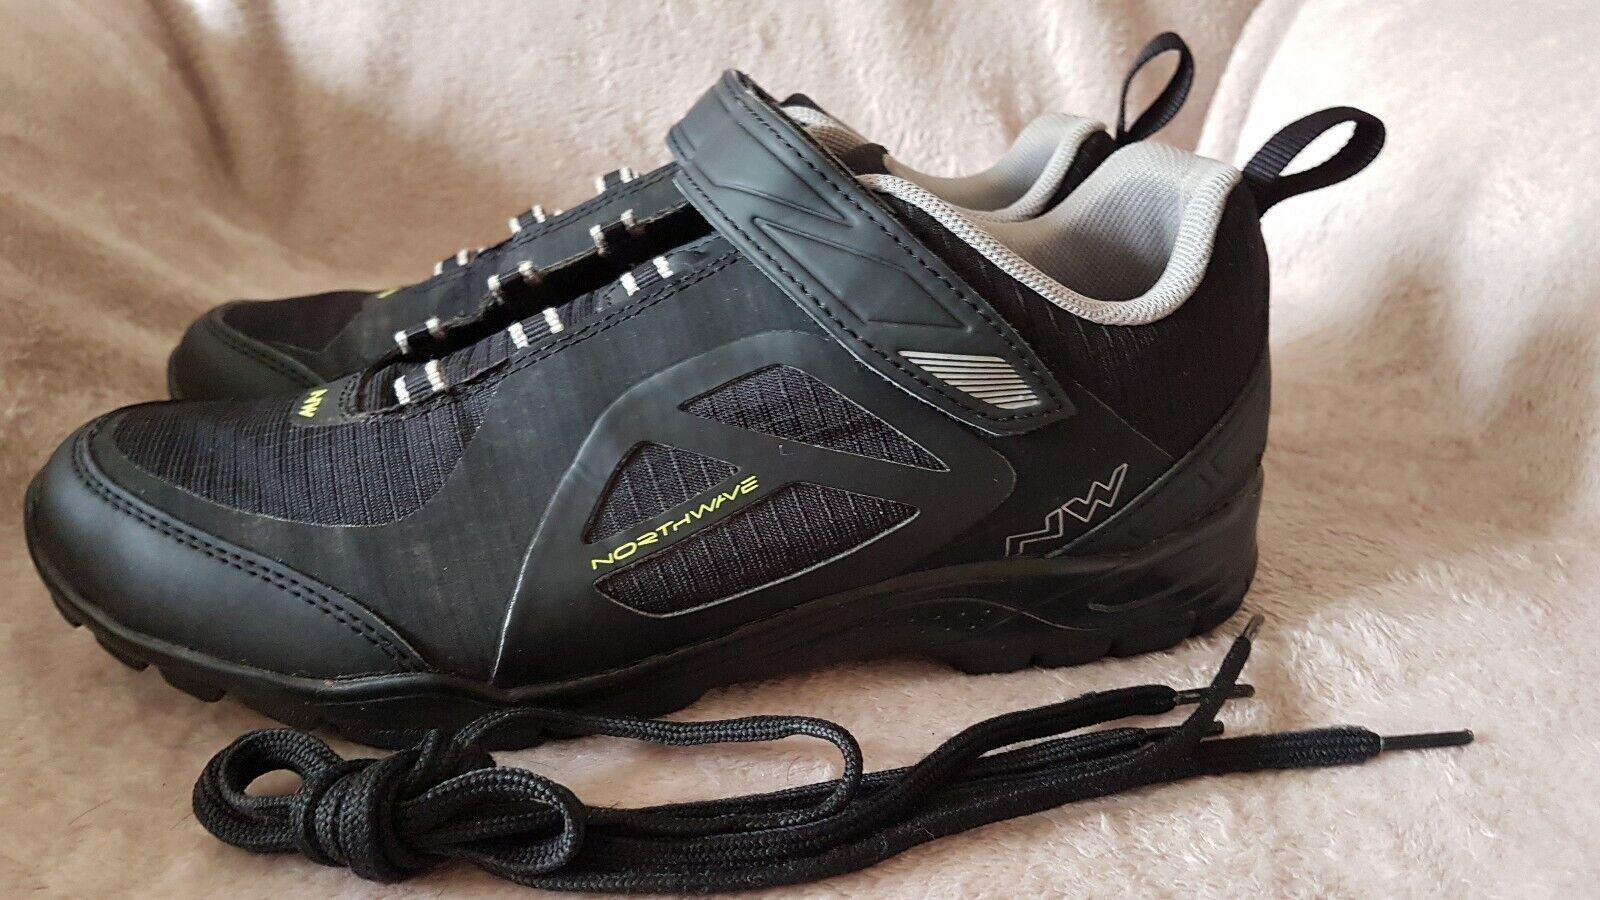 Northwave  Escape Ciclismo Zapatos Talla Uk 9.5  producto de calidad